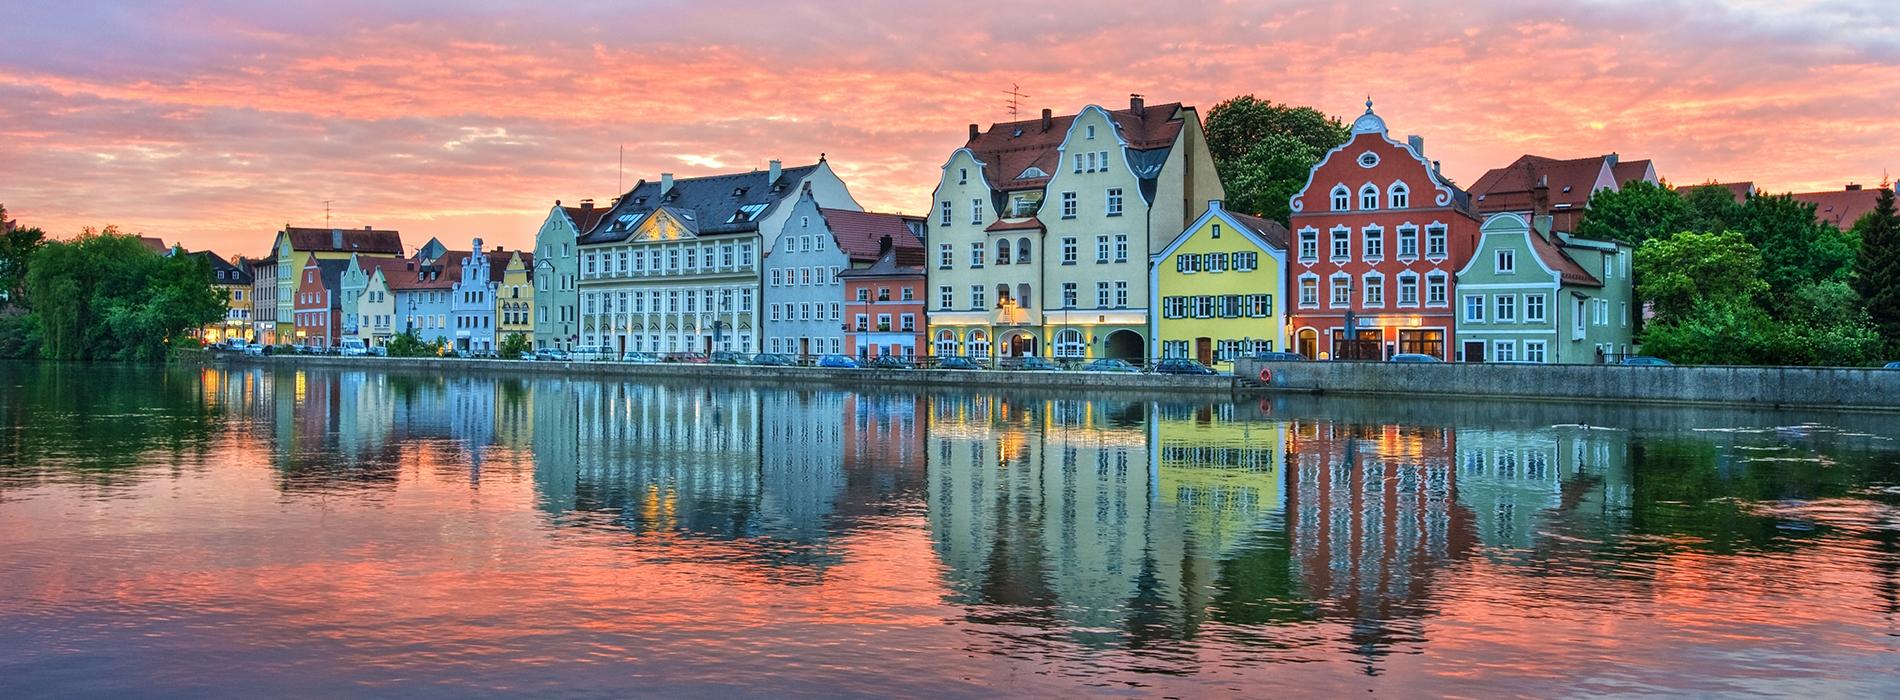 Авиабилеты Самара — Мюнхен, купить билеты на самолет туда и обратно, цены и расписание рейсов